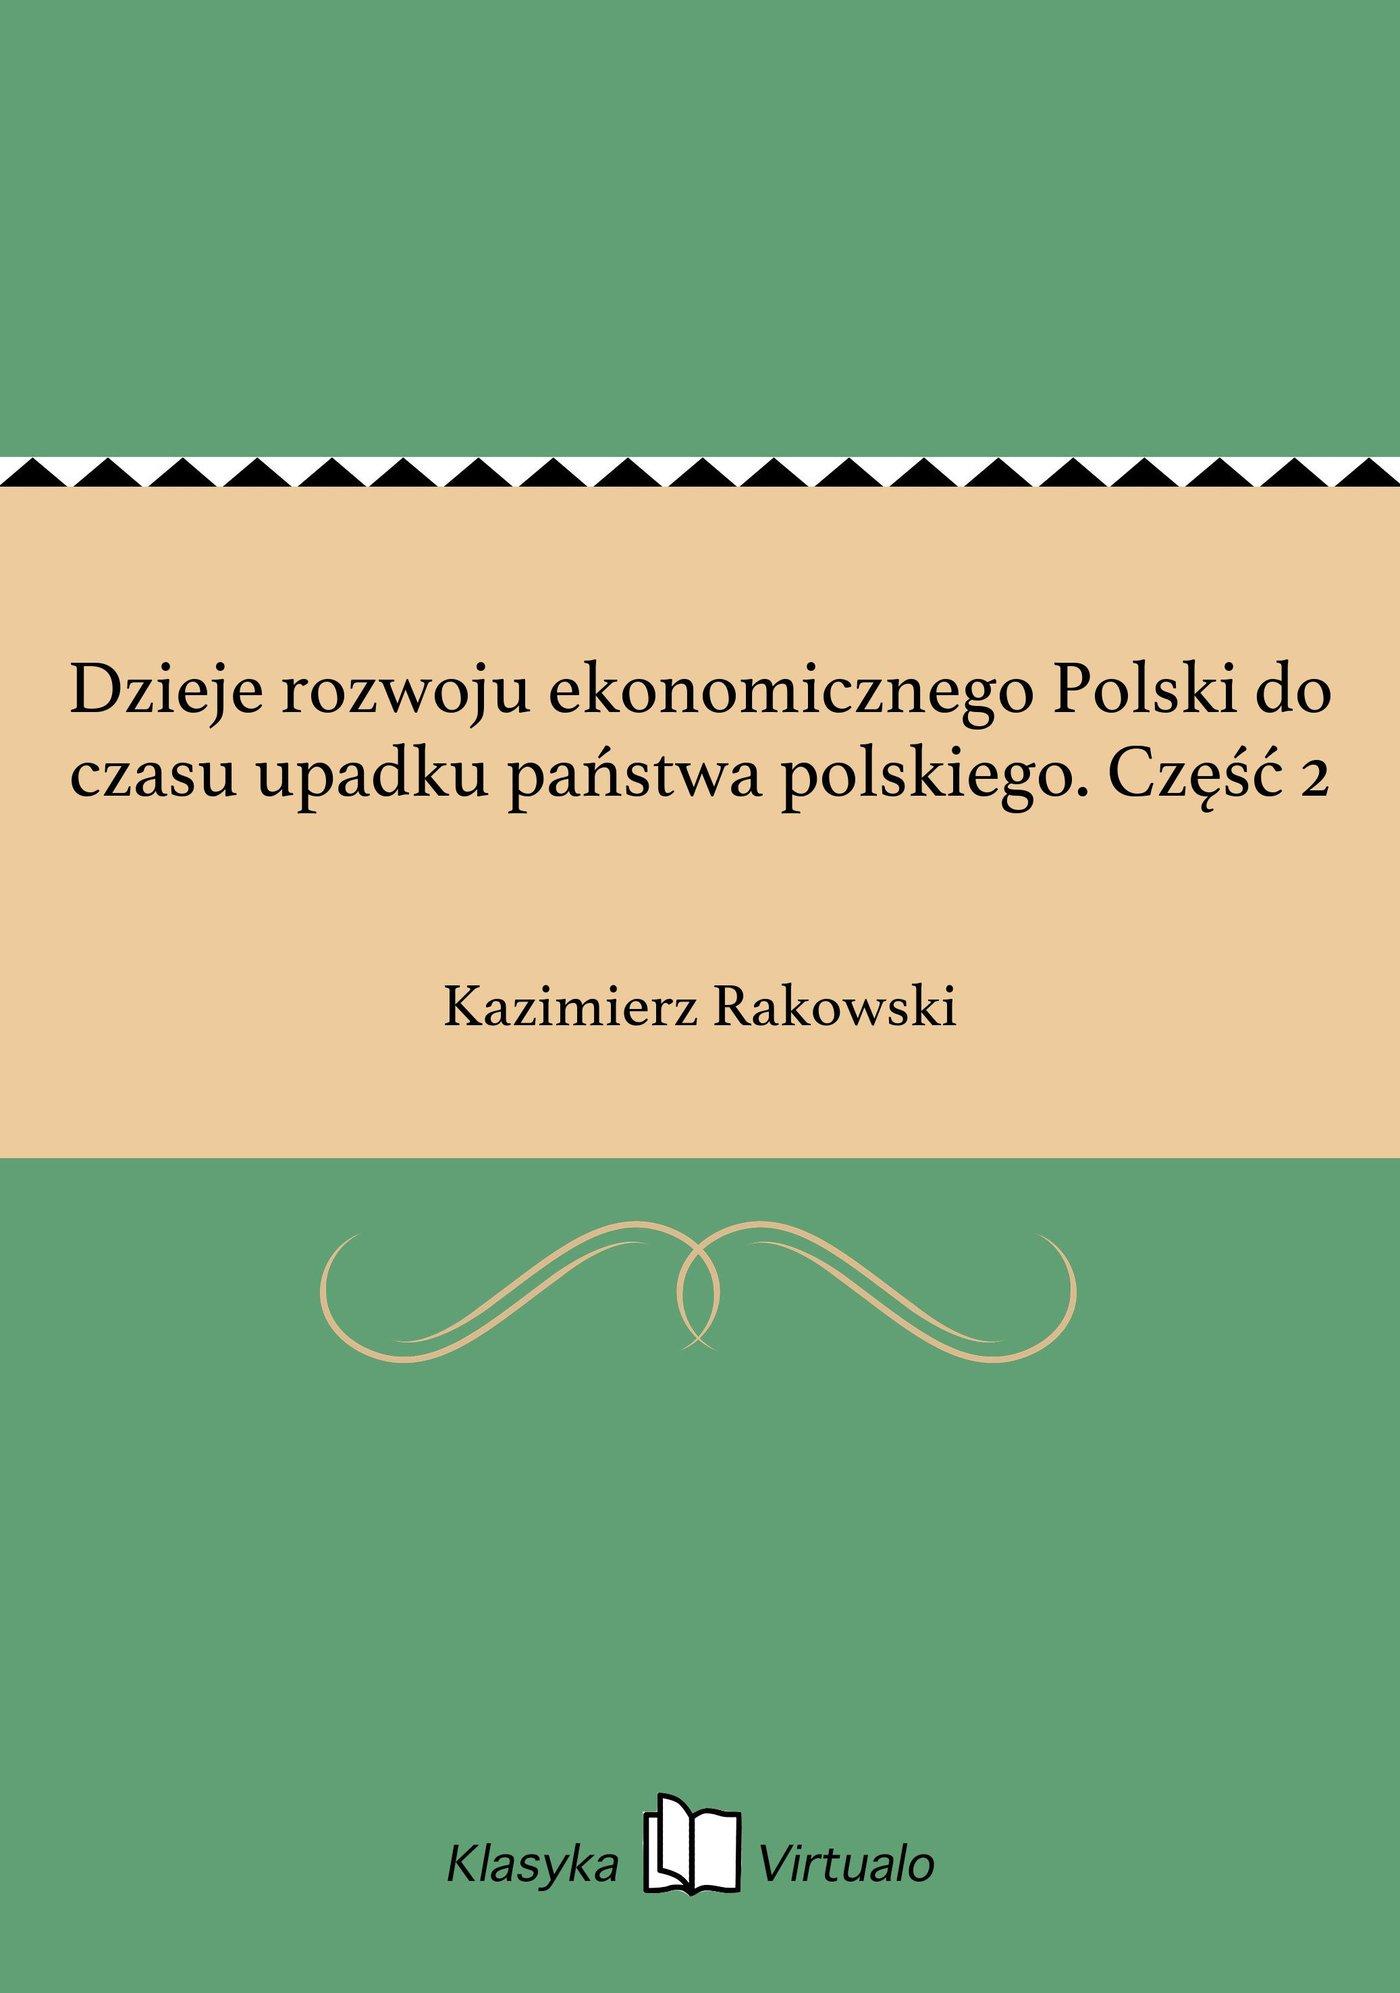 Dzieje rozwoju ekonomicznego Polski do czasu upadku państwa polskiego. Część 2 - Ebook (Książka EPUB) do pobrania w formacie EPUB